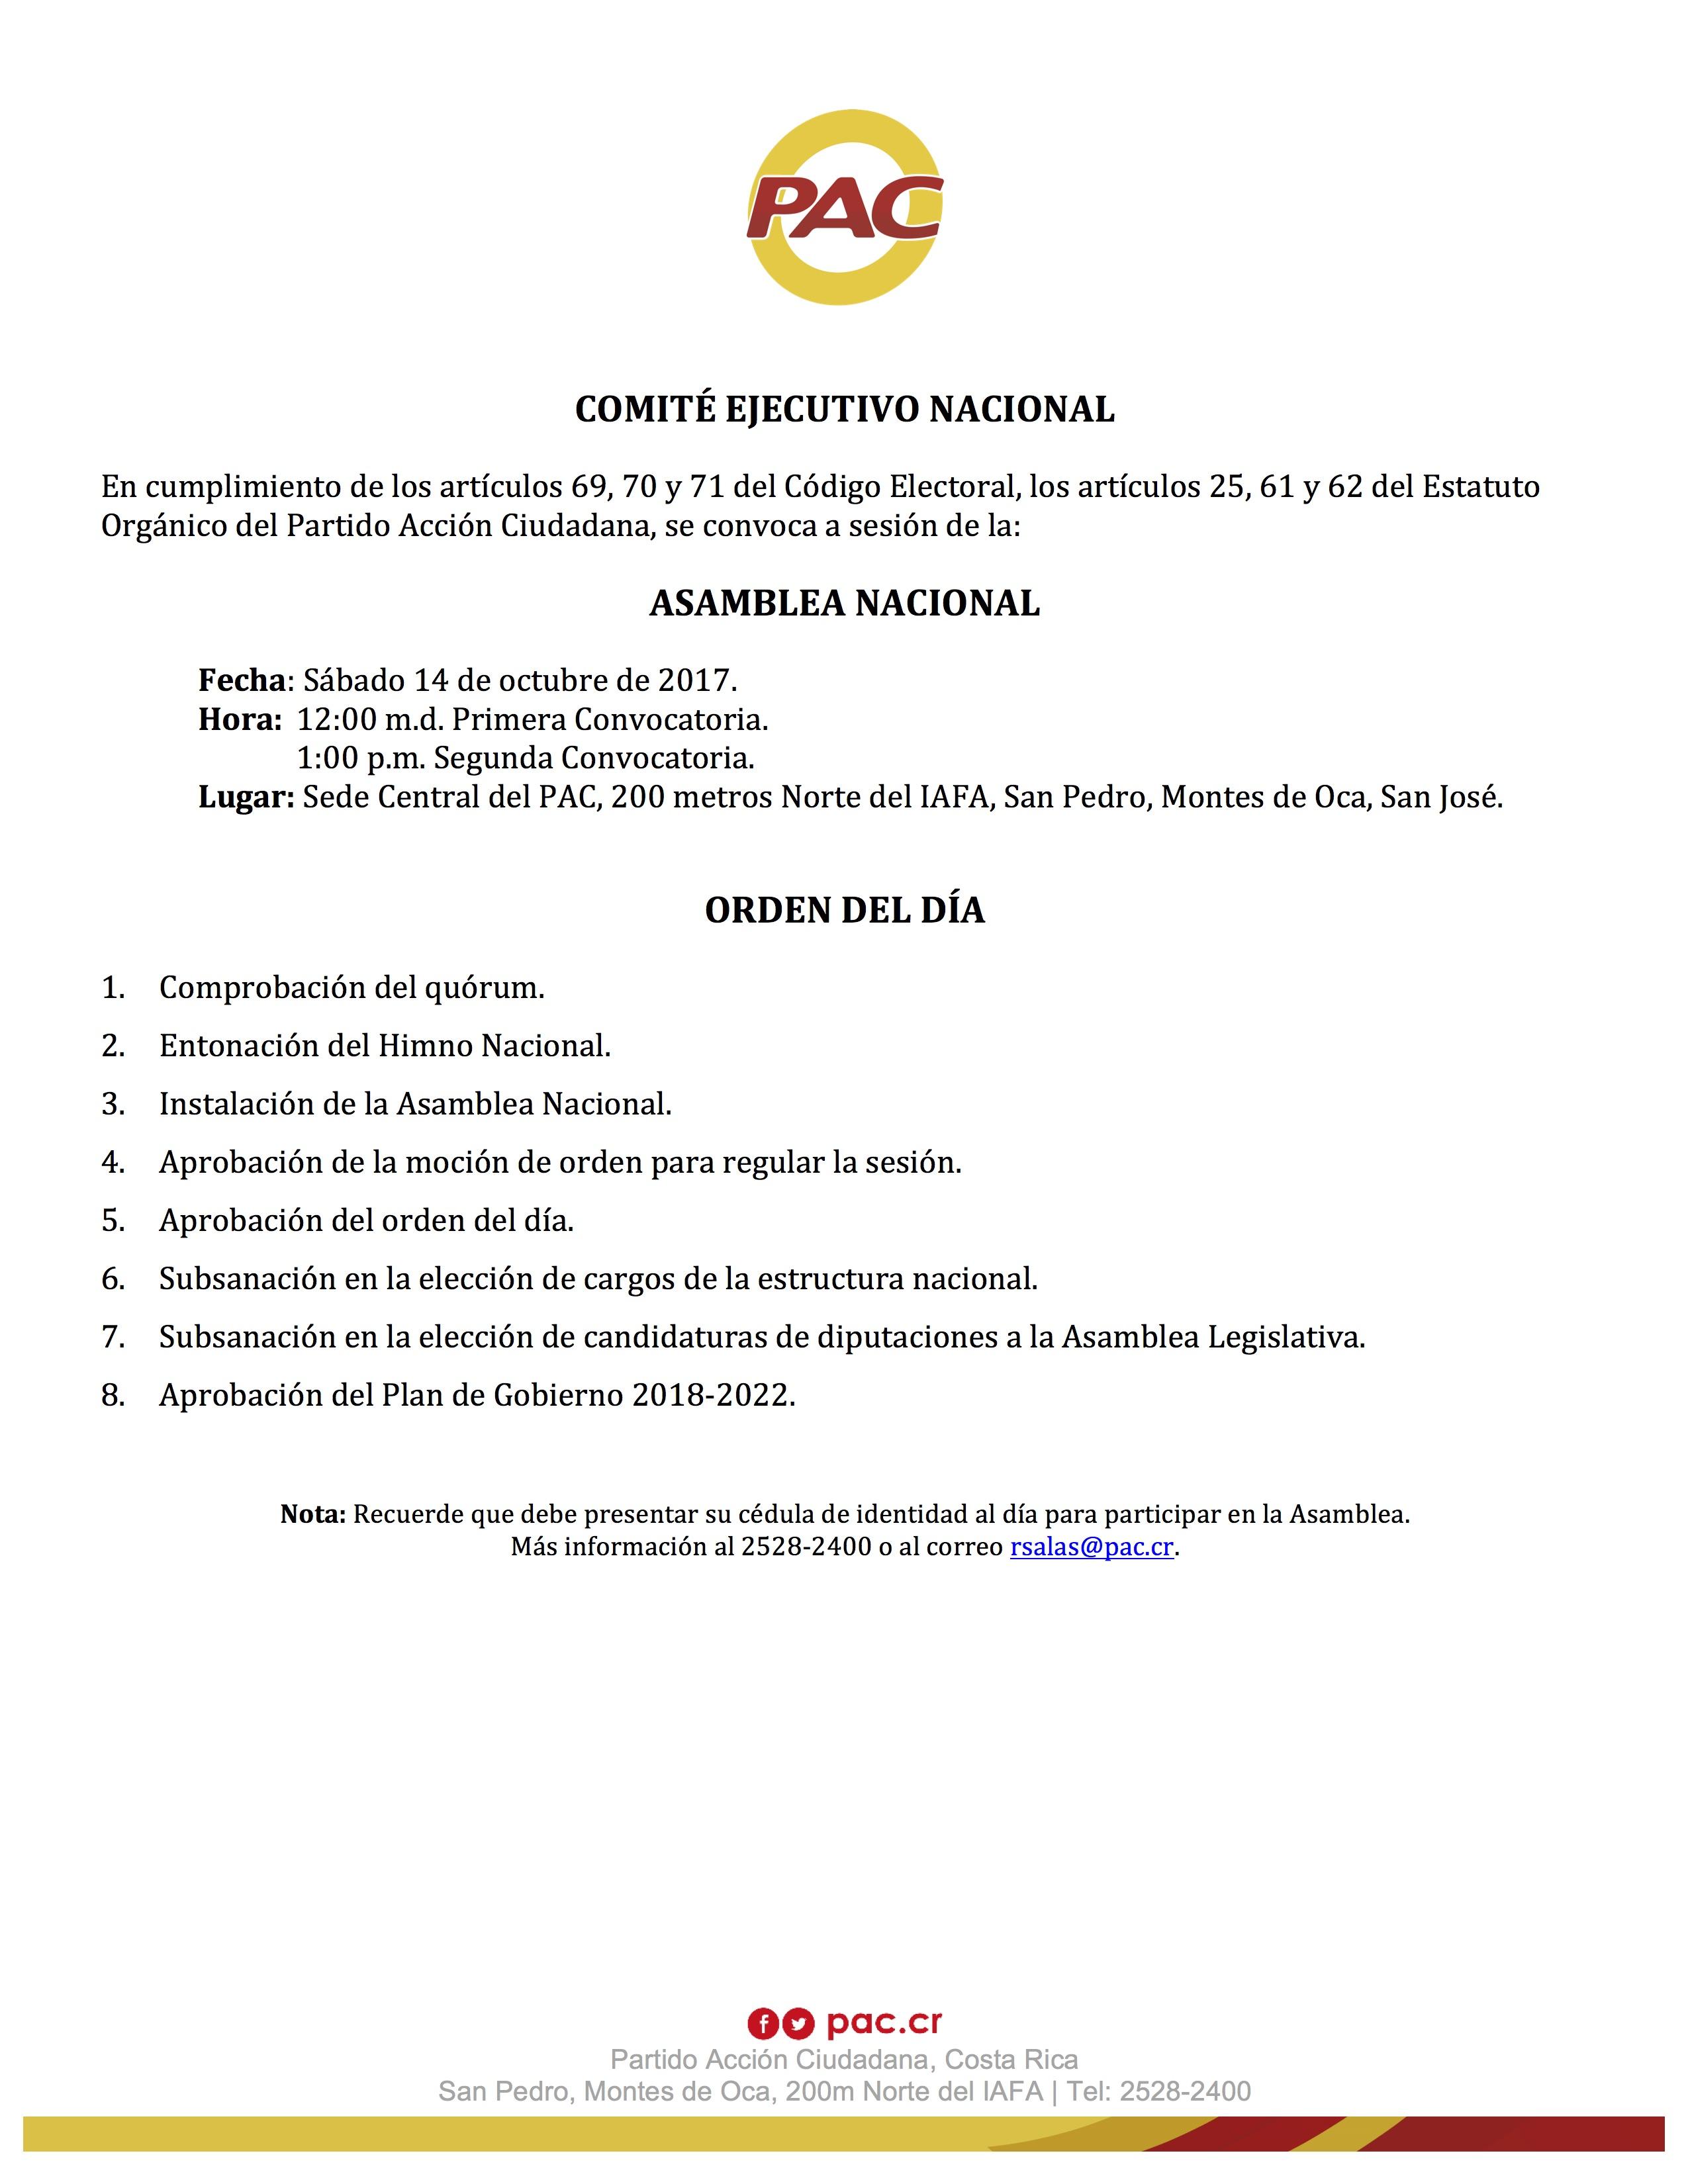 20171006 Agenda AN 14 Oct